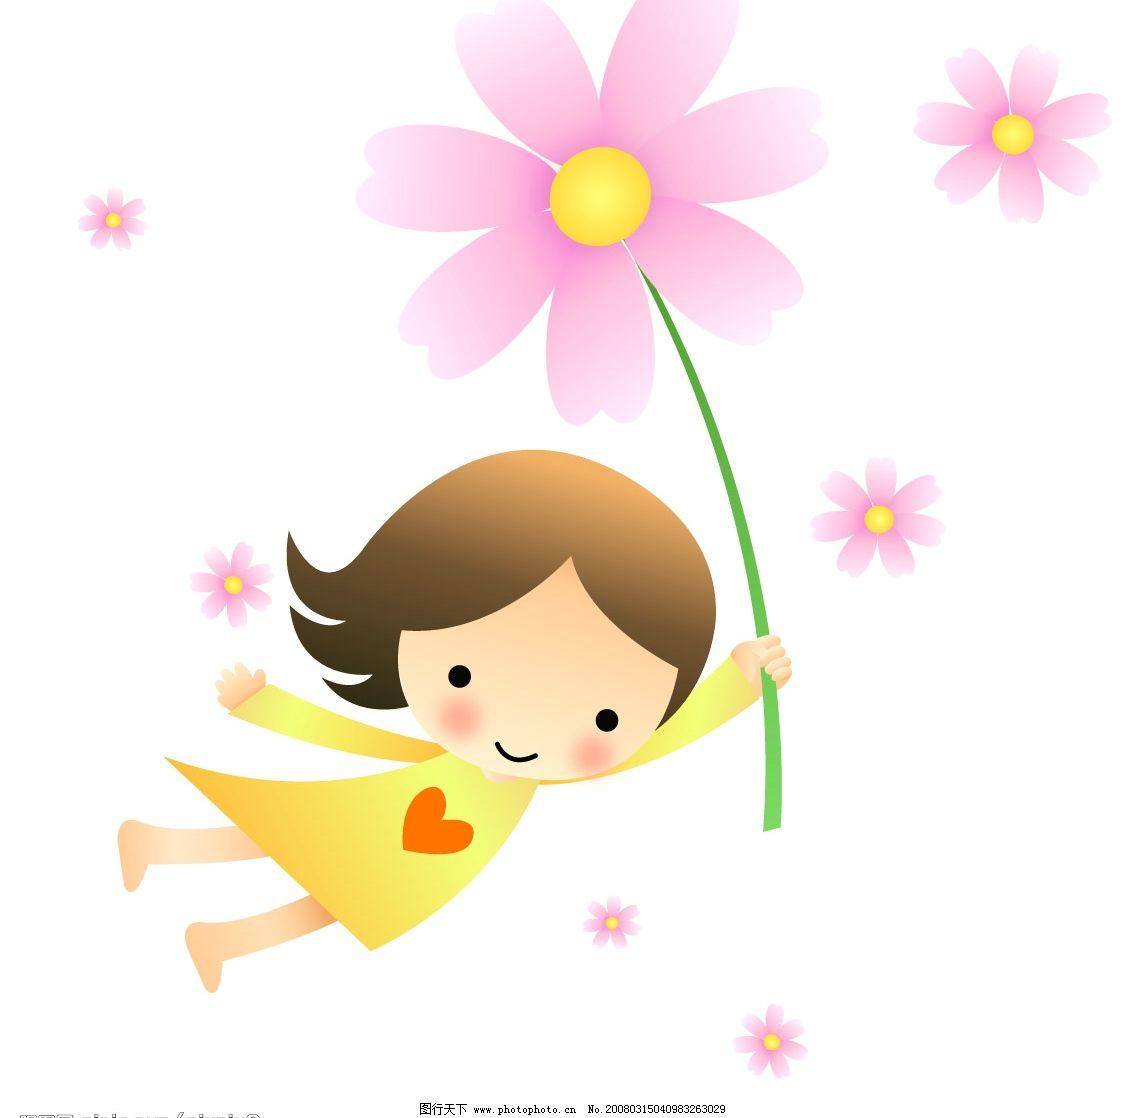 小孩子图片_动画素材_flash动画